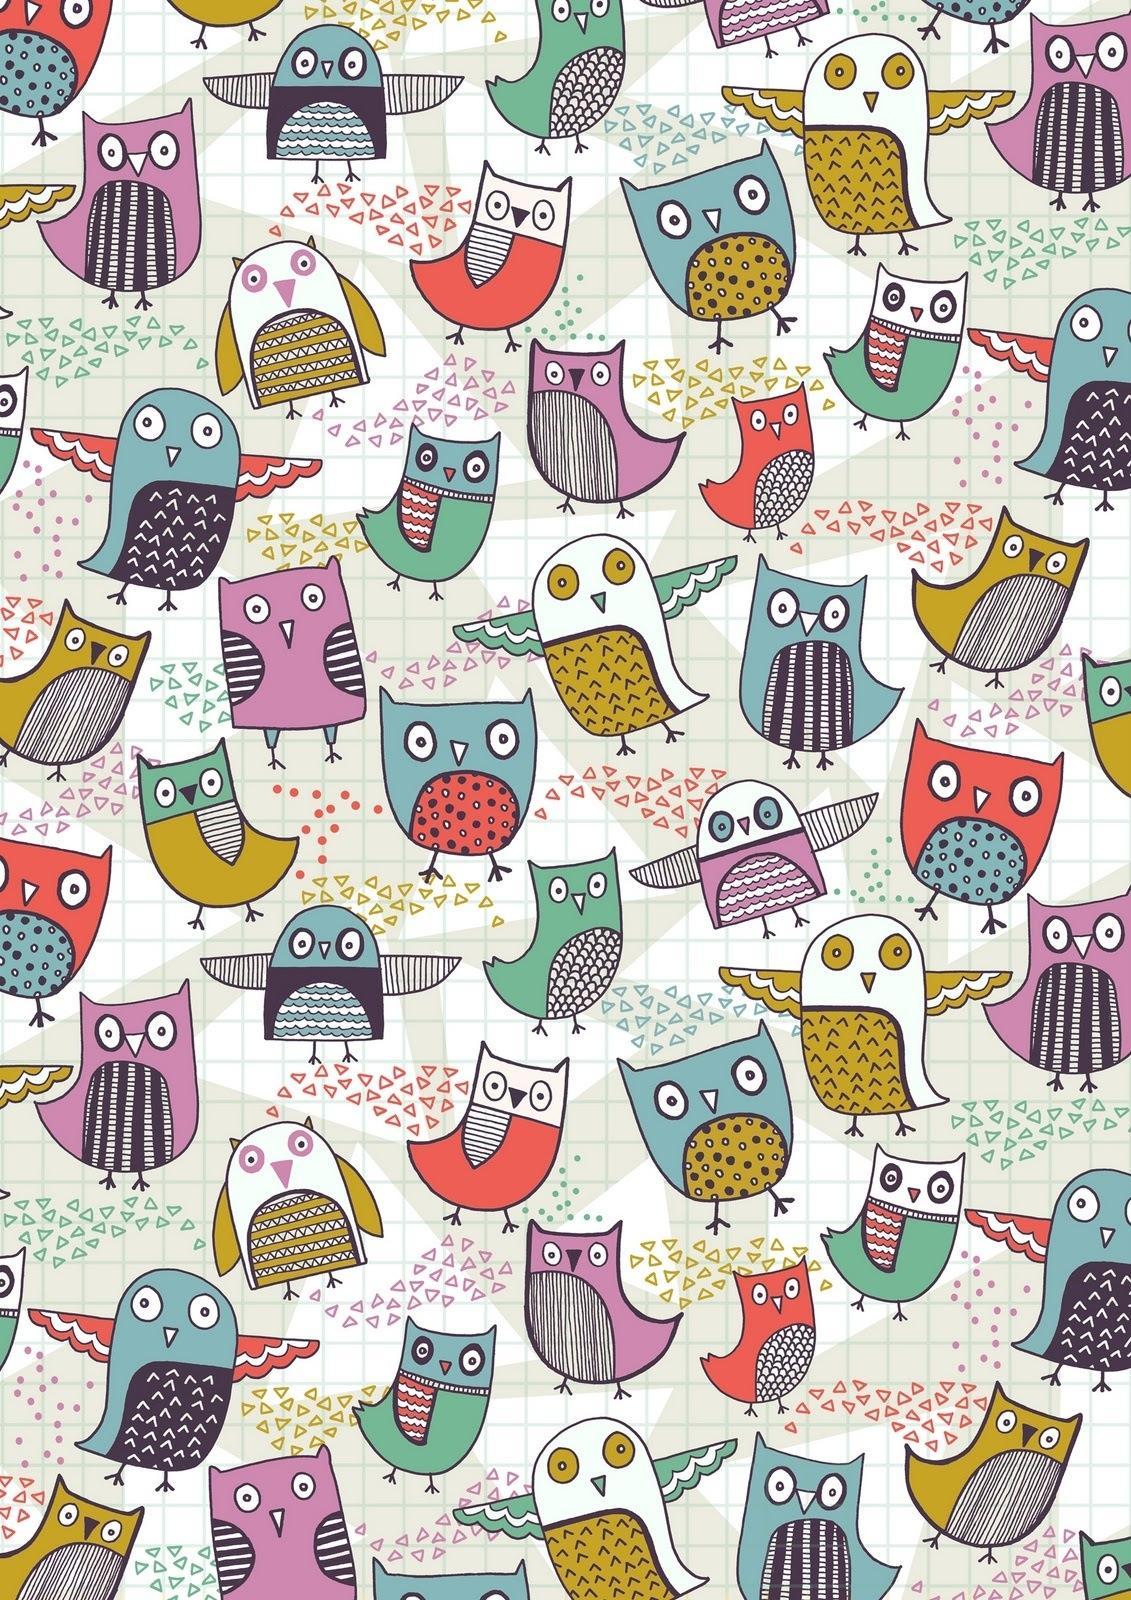 8 86083 Wallpaper Lucu Iphone Owl Cartoon Wallpaper Whatsapp Wallpaper Lucu 1131x1600 Download Hd Wallpaper Wallpapertip